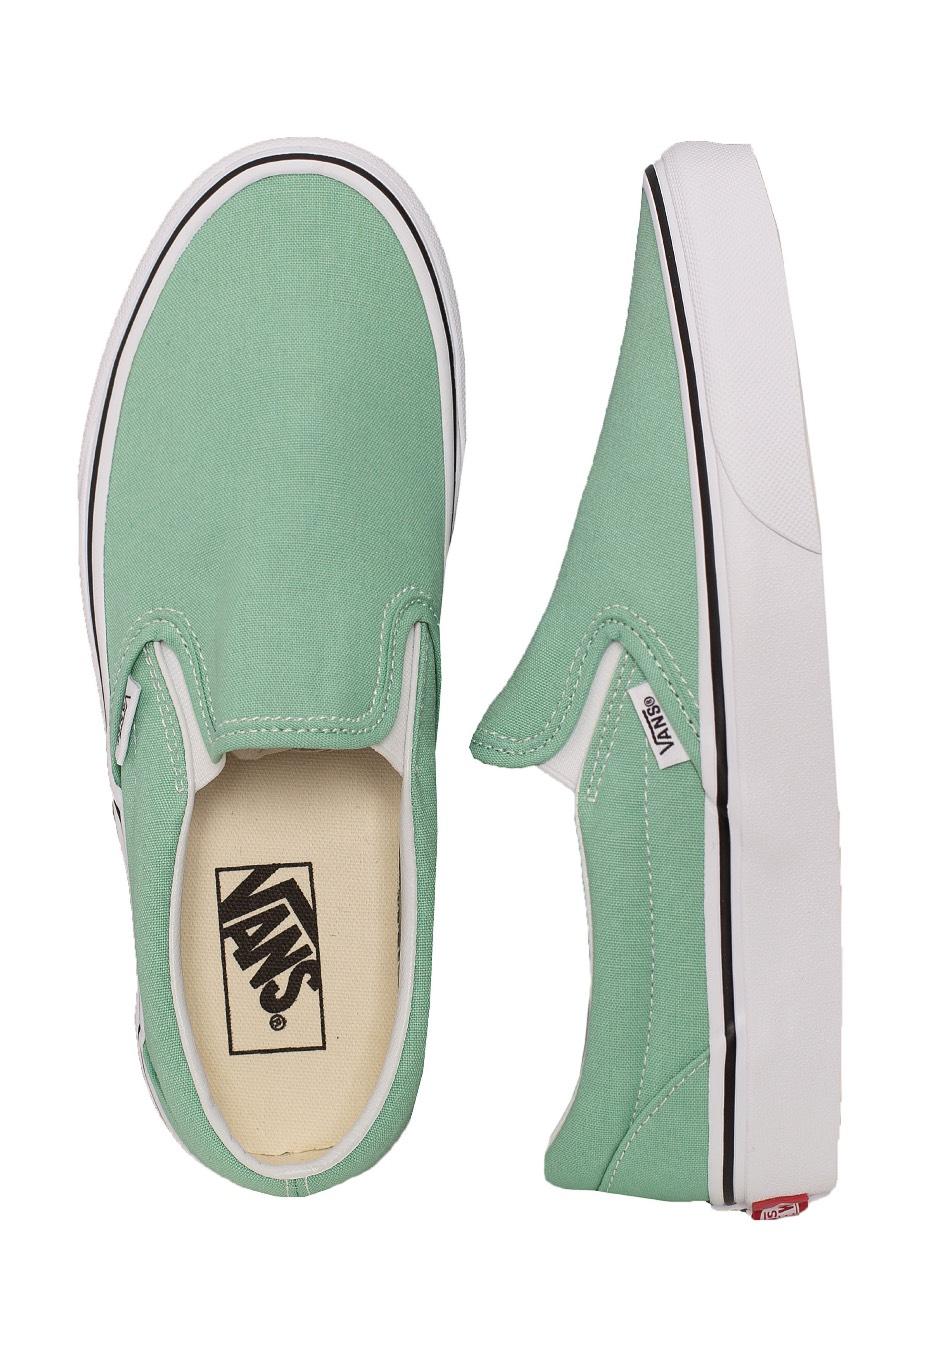 Vans - Classic Slip-On Neptune Green